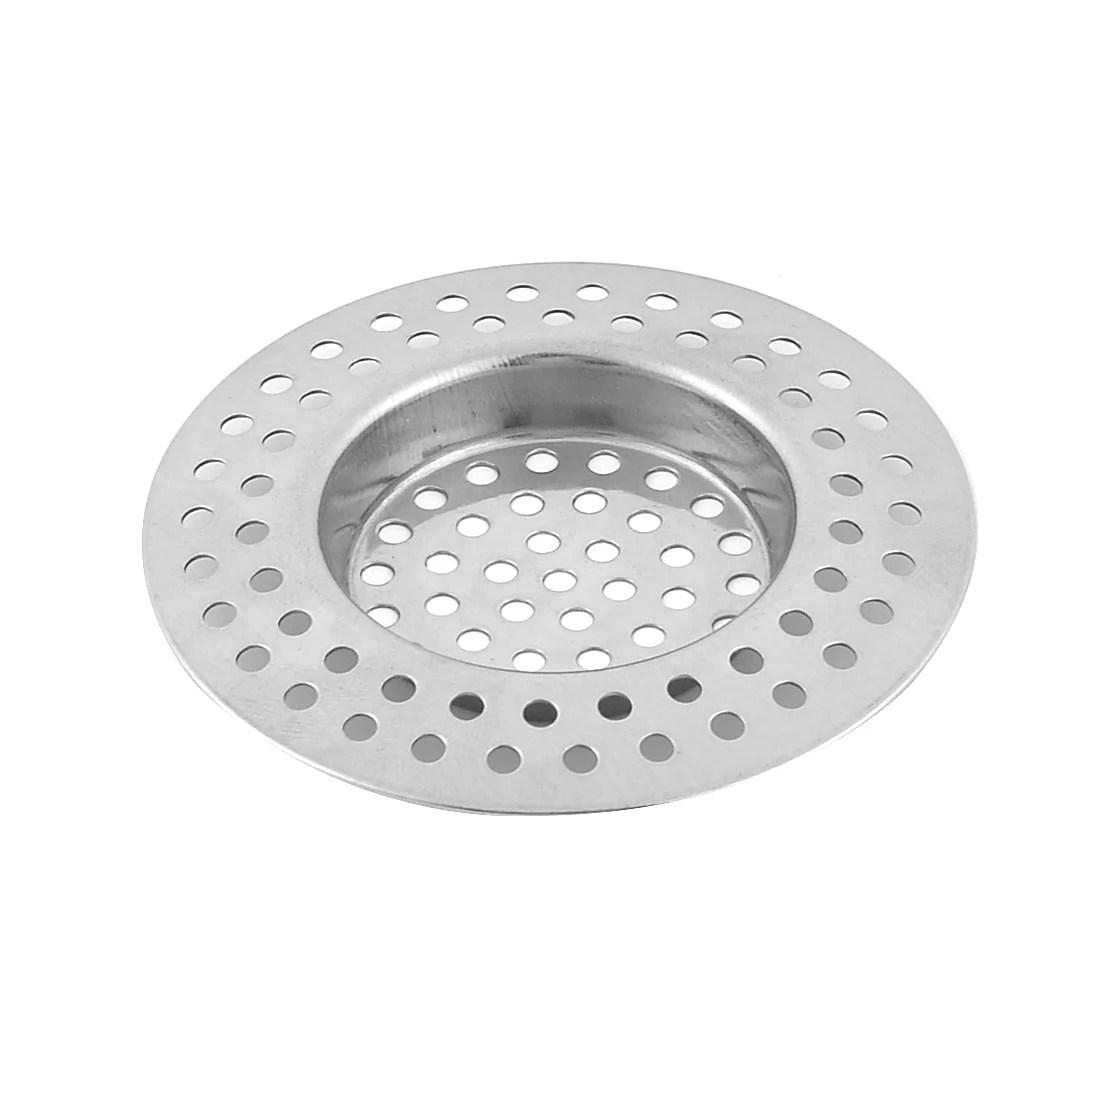 home kitchen bathroom metal sink drain strainer mesh filter basket sliver tone walmart com